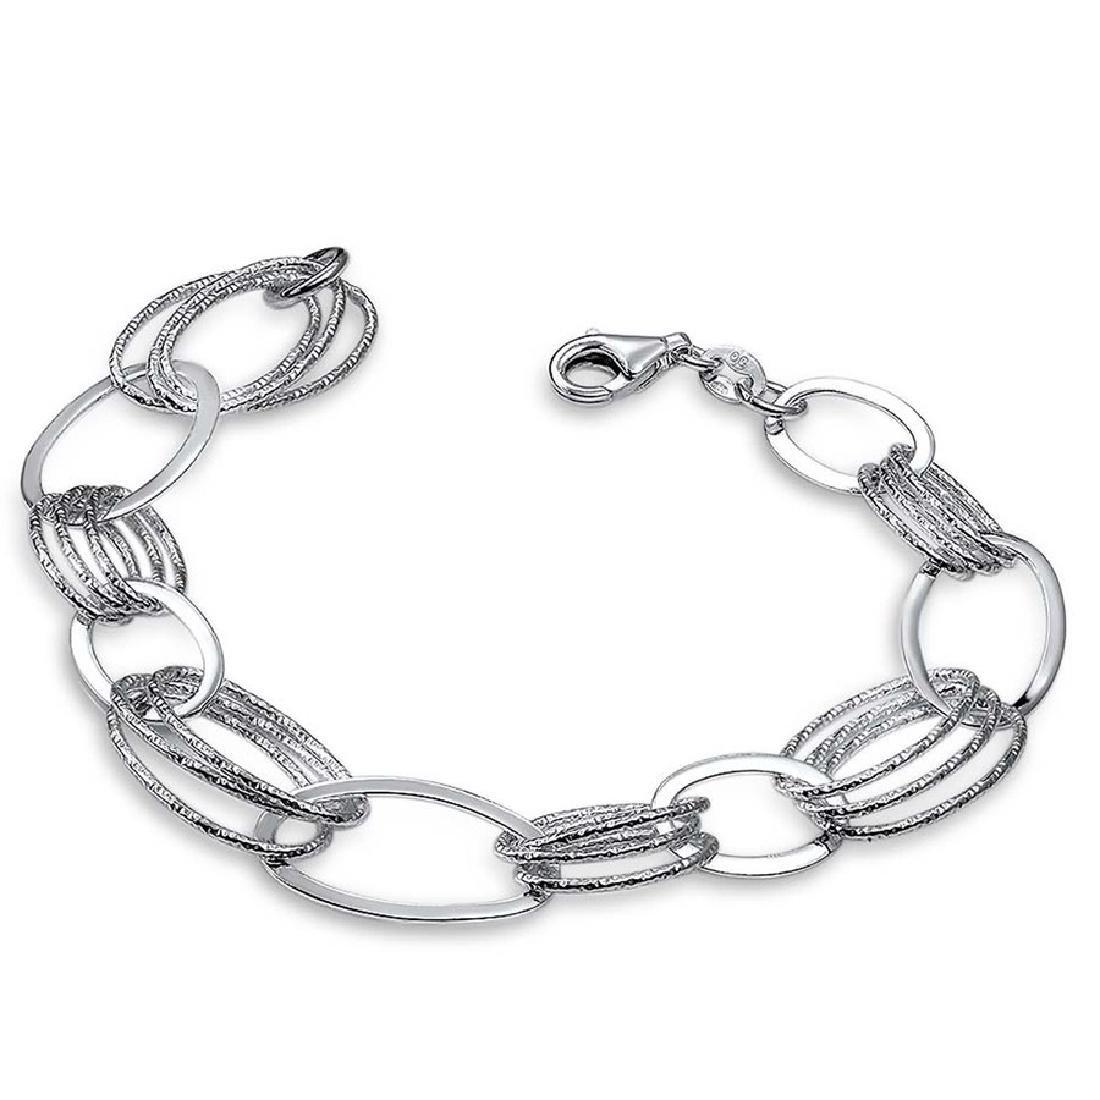 Sterling Silver Polished & Textured Oval Link Bracelet